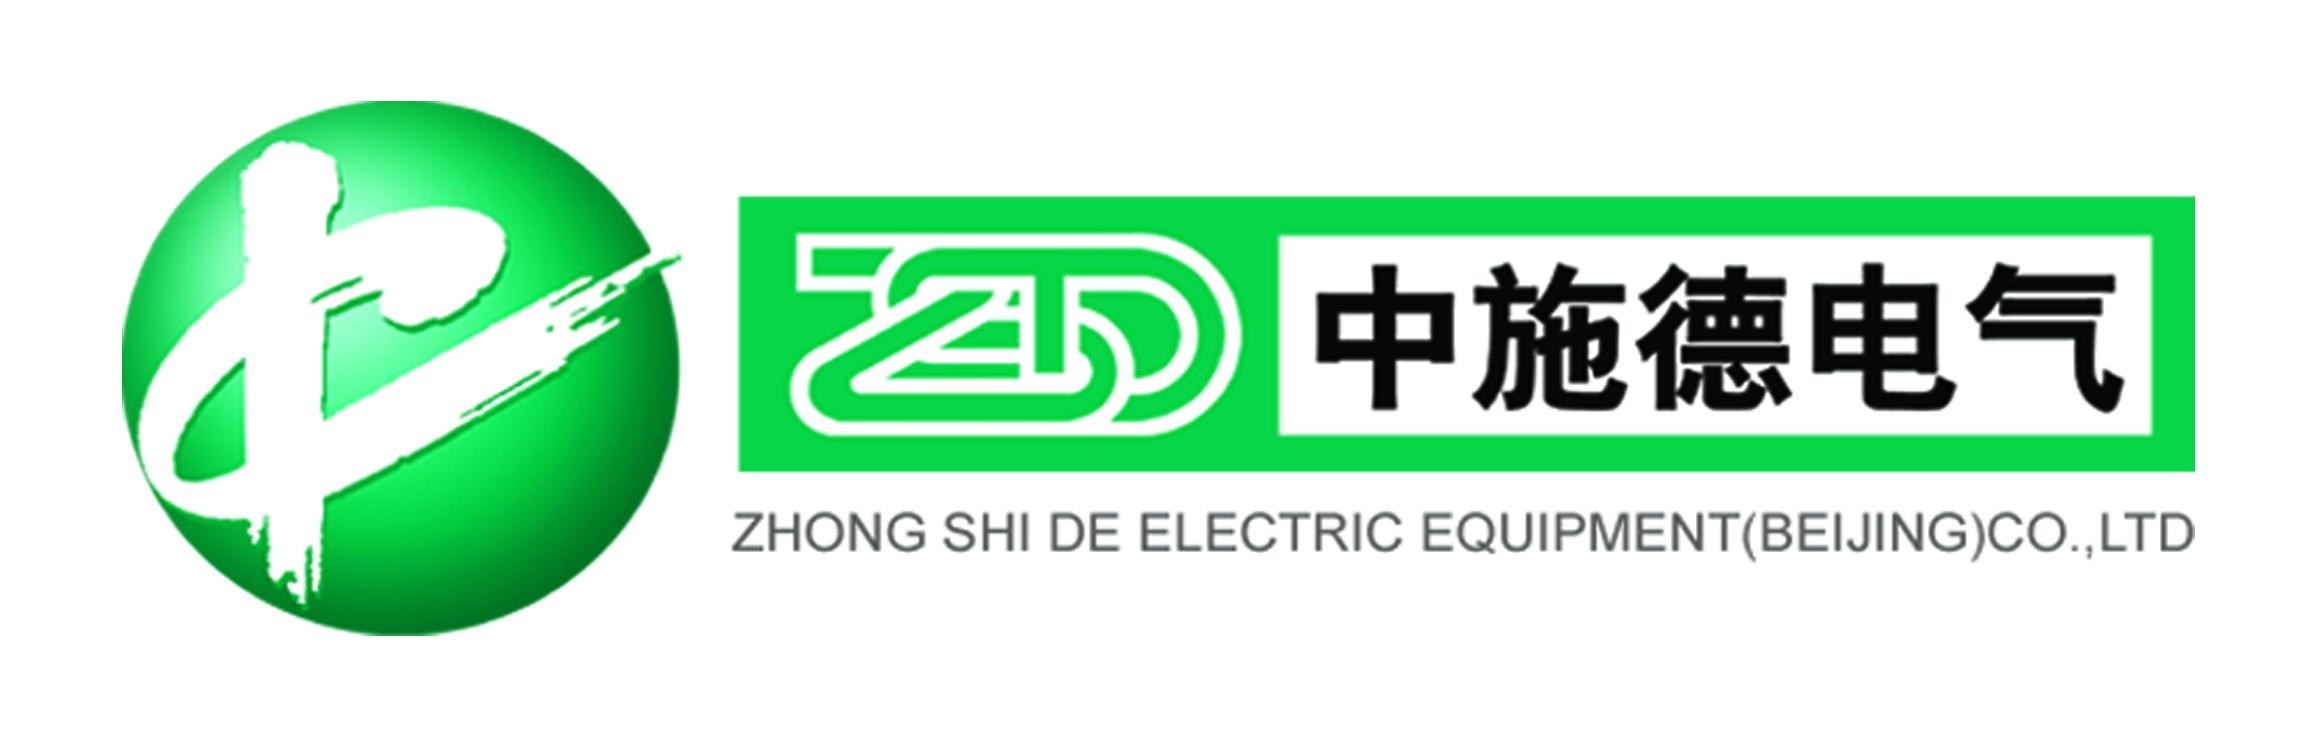 中施德電氣設備(北京)有限公司